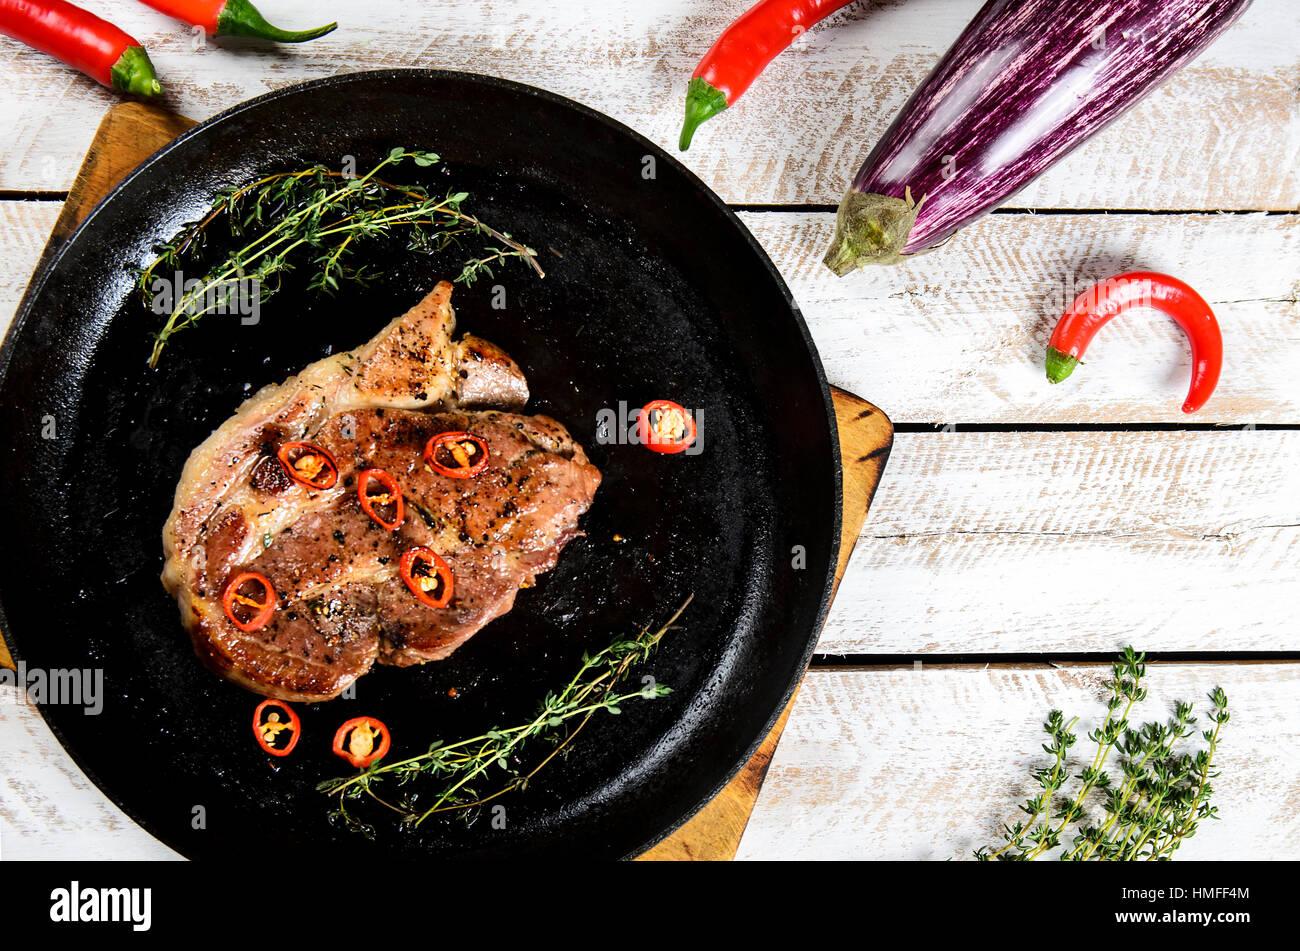 Fleisch mit Gewürzen in einer Pfanne, Rosmarin und hot Chili Peppers auf einem weißen Holztisch Hintergrund Stockbild